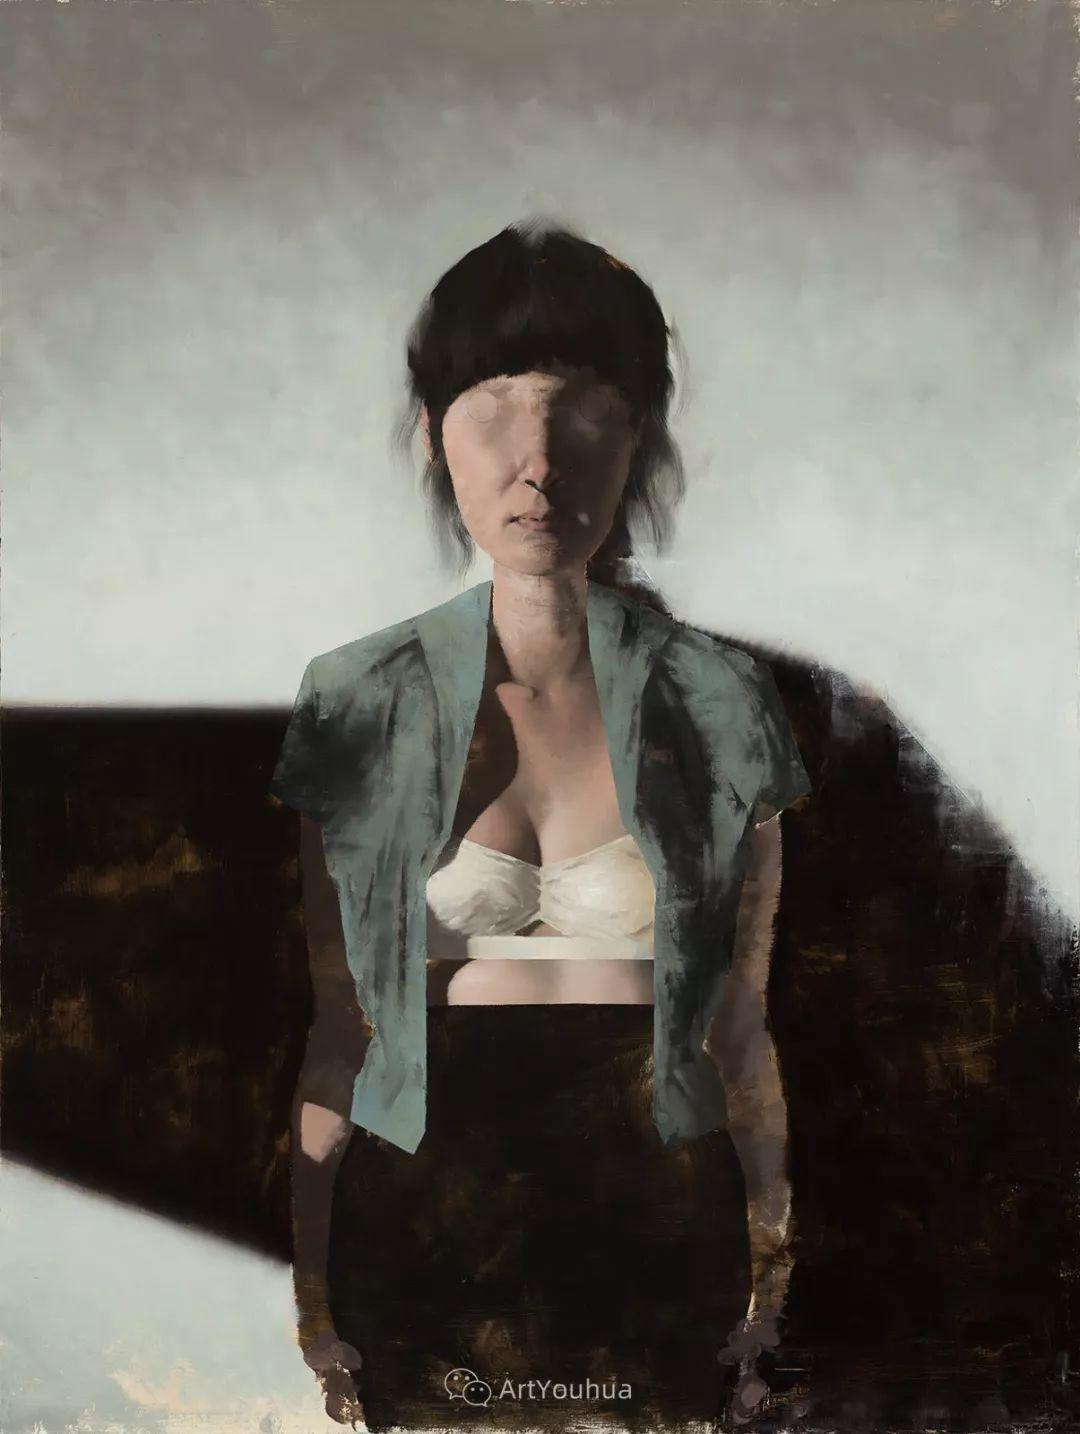 不完整的完整——Matthew Saba插图